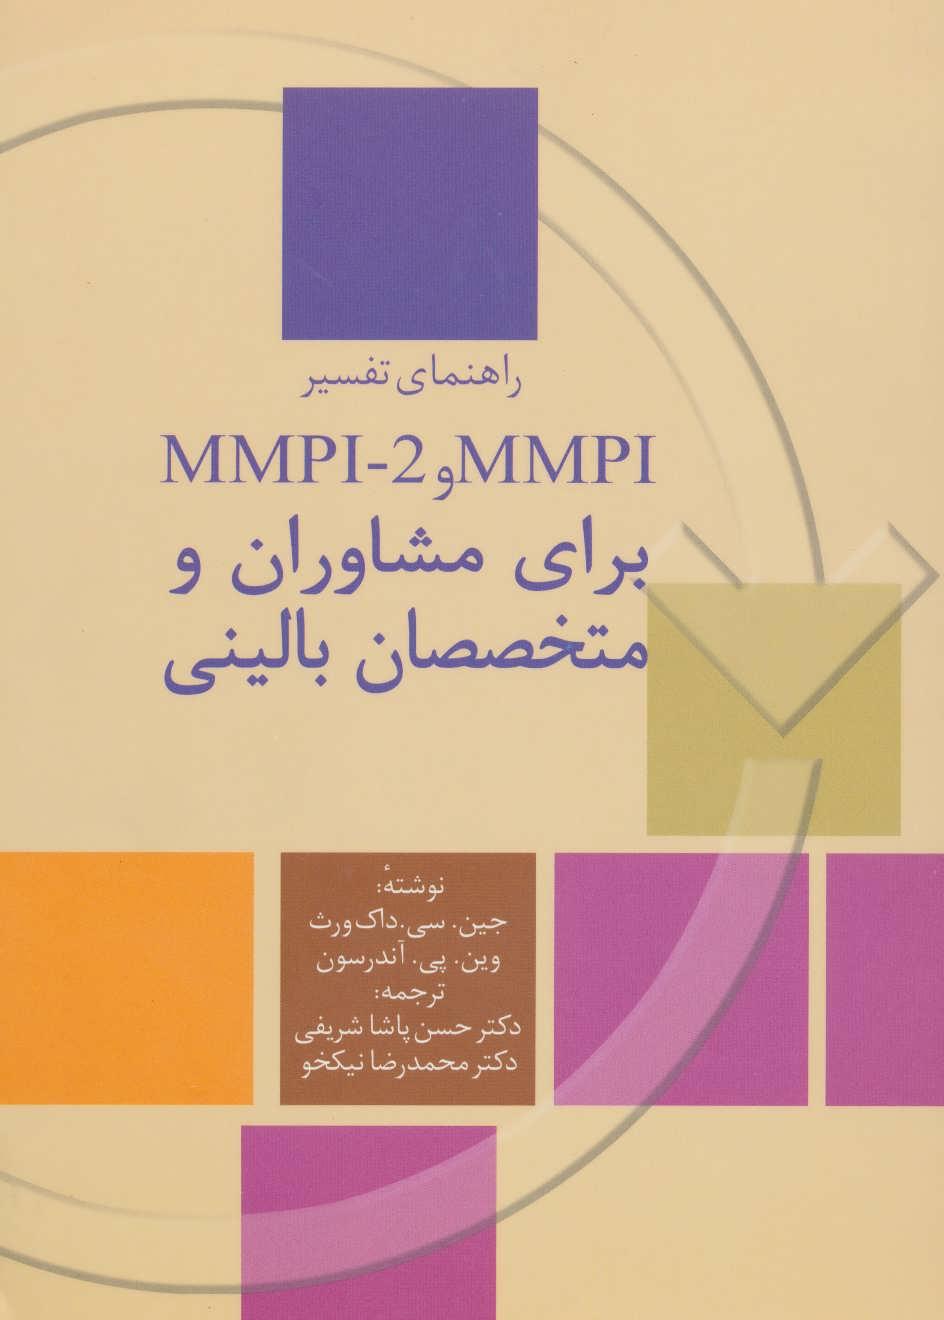 راهنمای تفسیر ام ام پی آی و ام ام پی آی-2 ( MMPI و MMPI-2) برای مشاوران و متخصصان بالینی